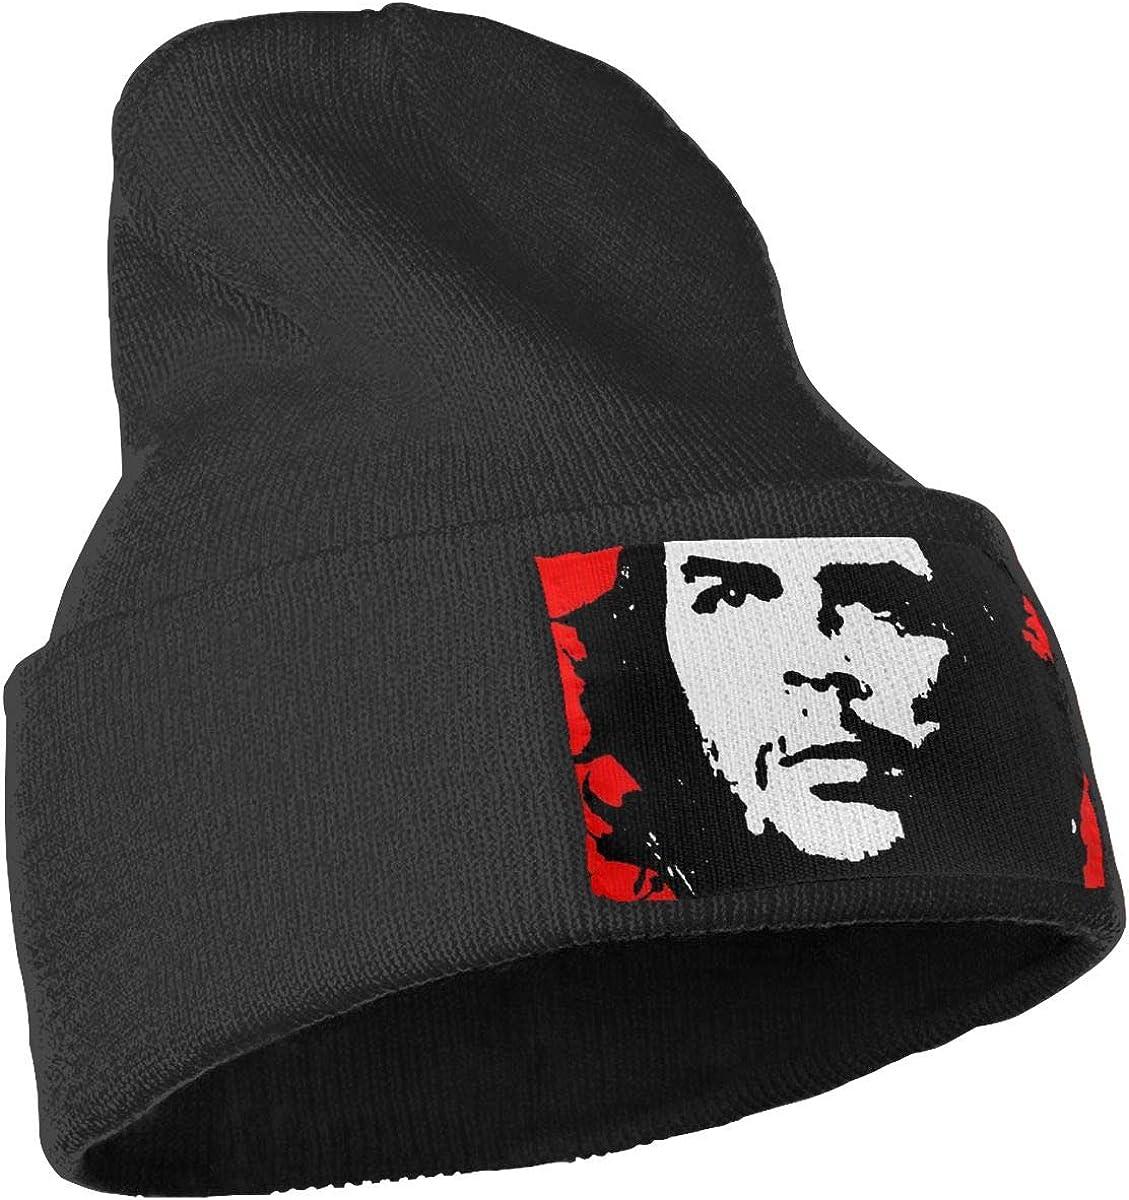 MaryWilson Gorros De Punto Che Guevara con Patrón único Retro ...